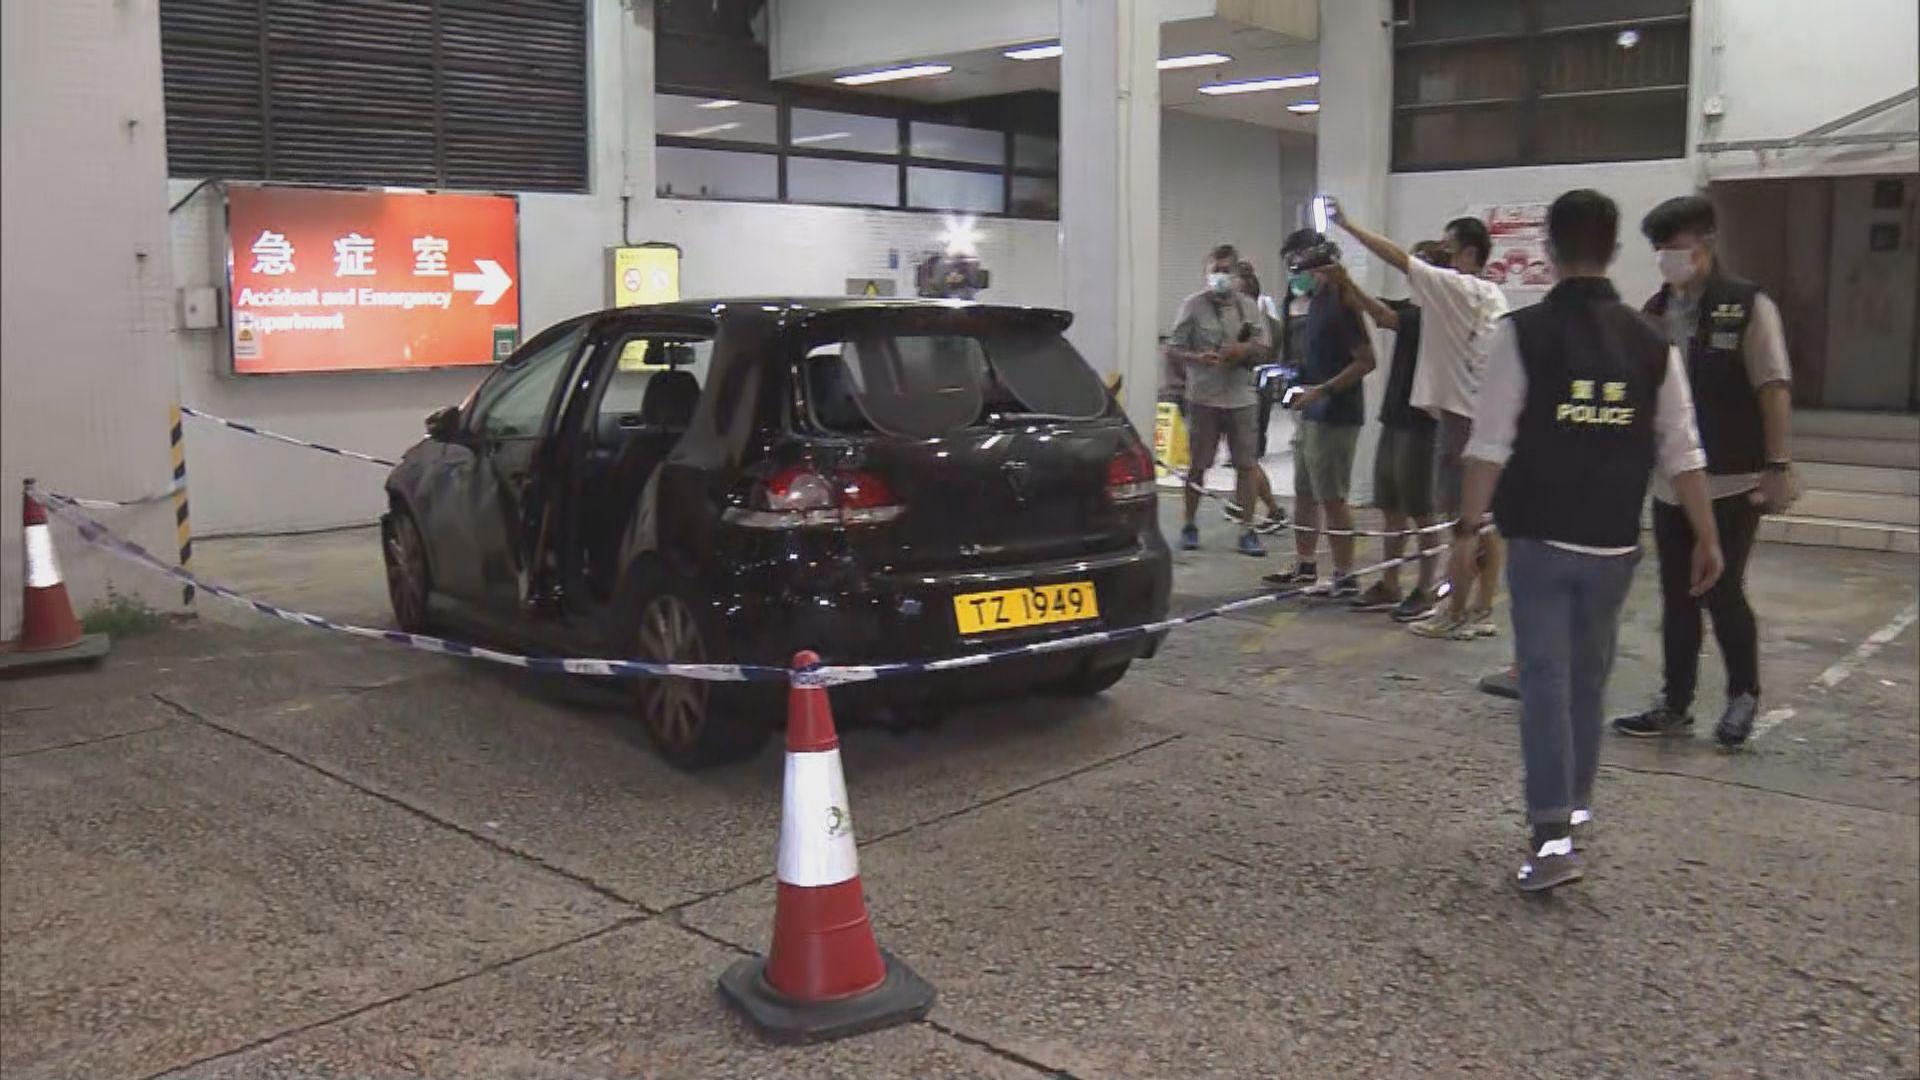 男子遇襲中刀負傷駕車抵廣華醫院求醫